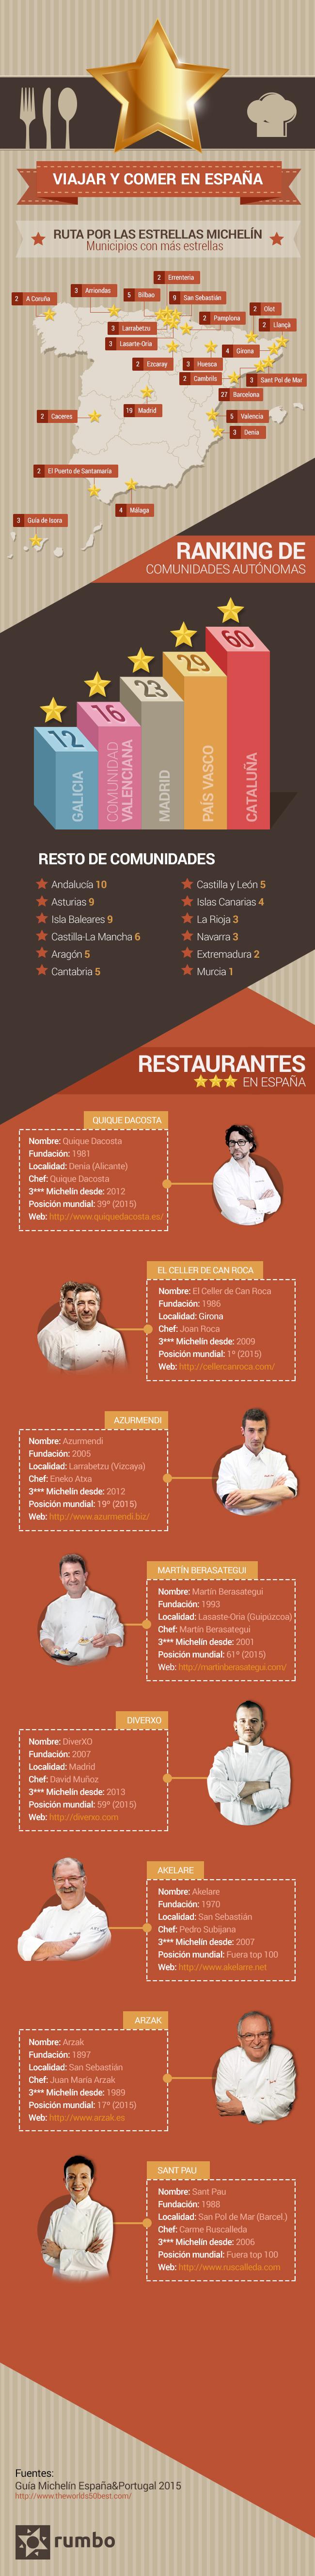 Restaurantes y estrellas Michelin en España